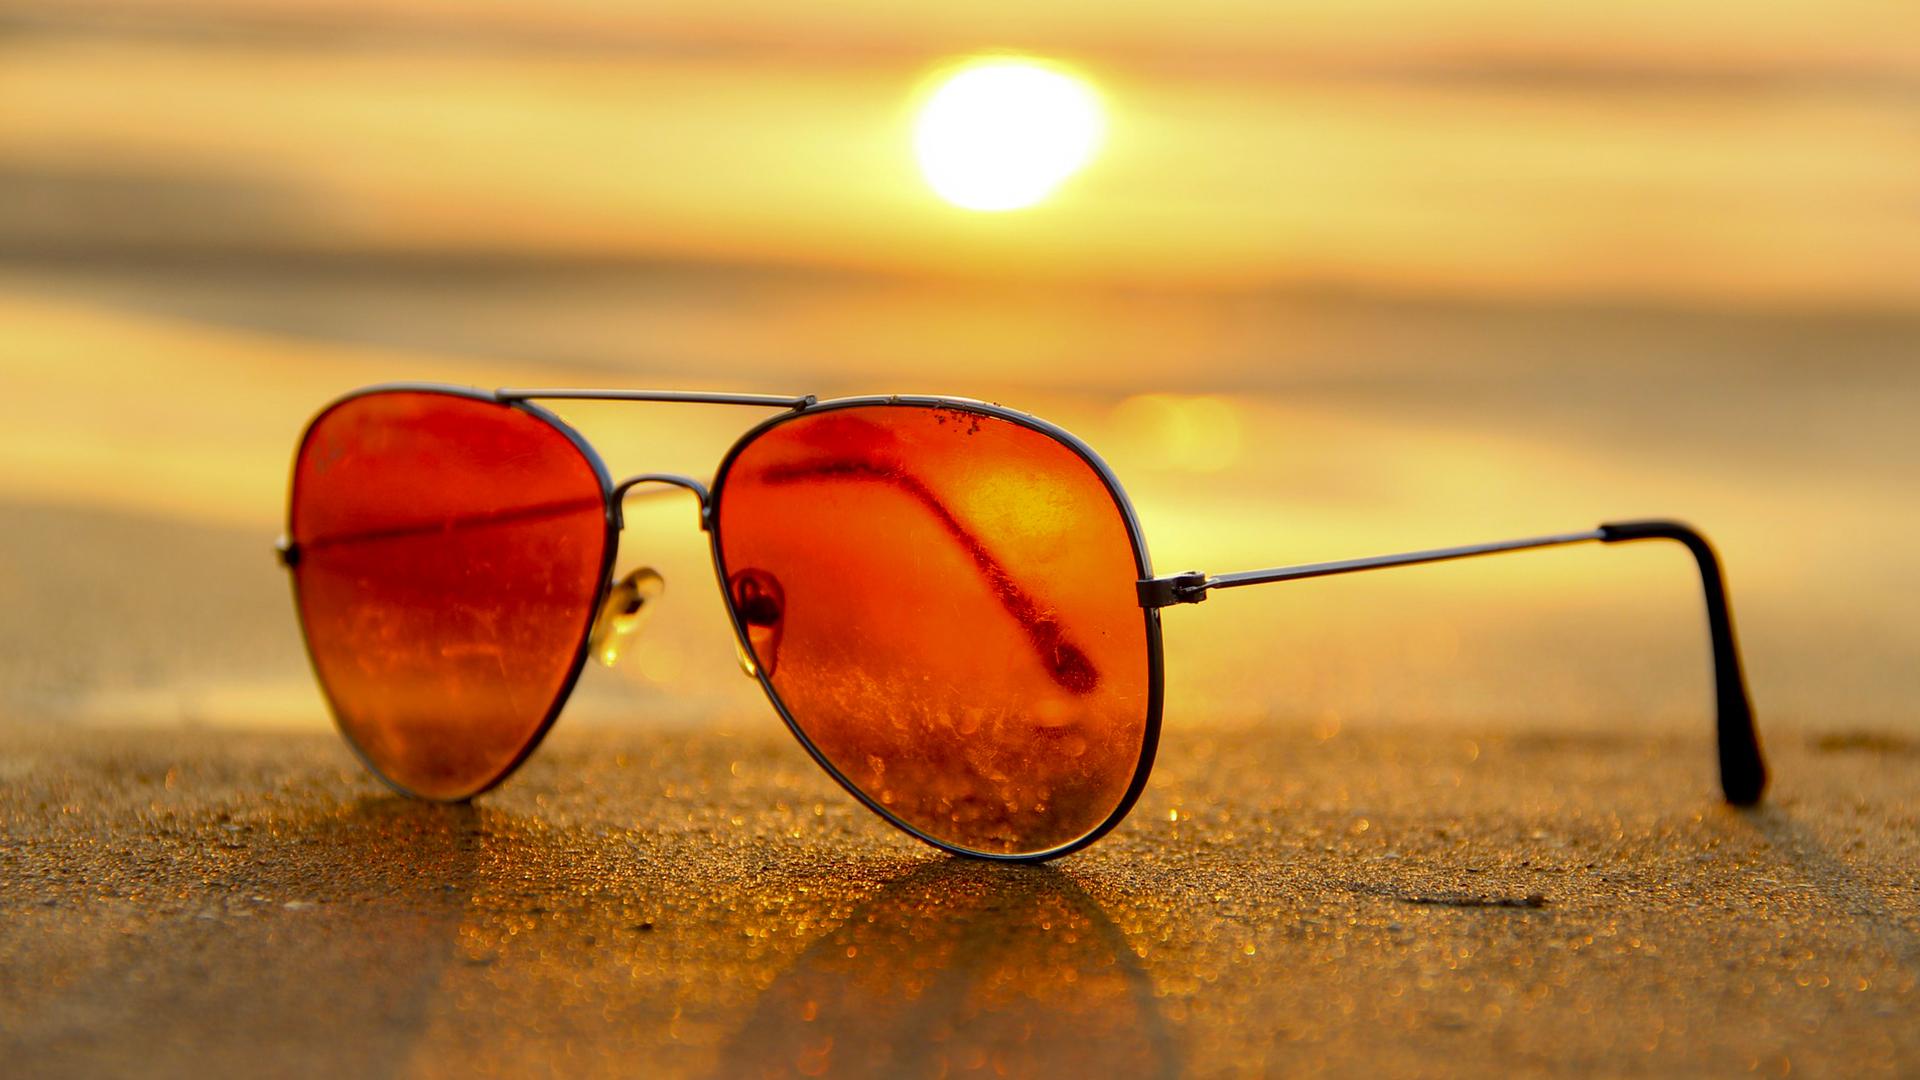 Lunette de soleil au soleil